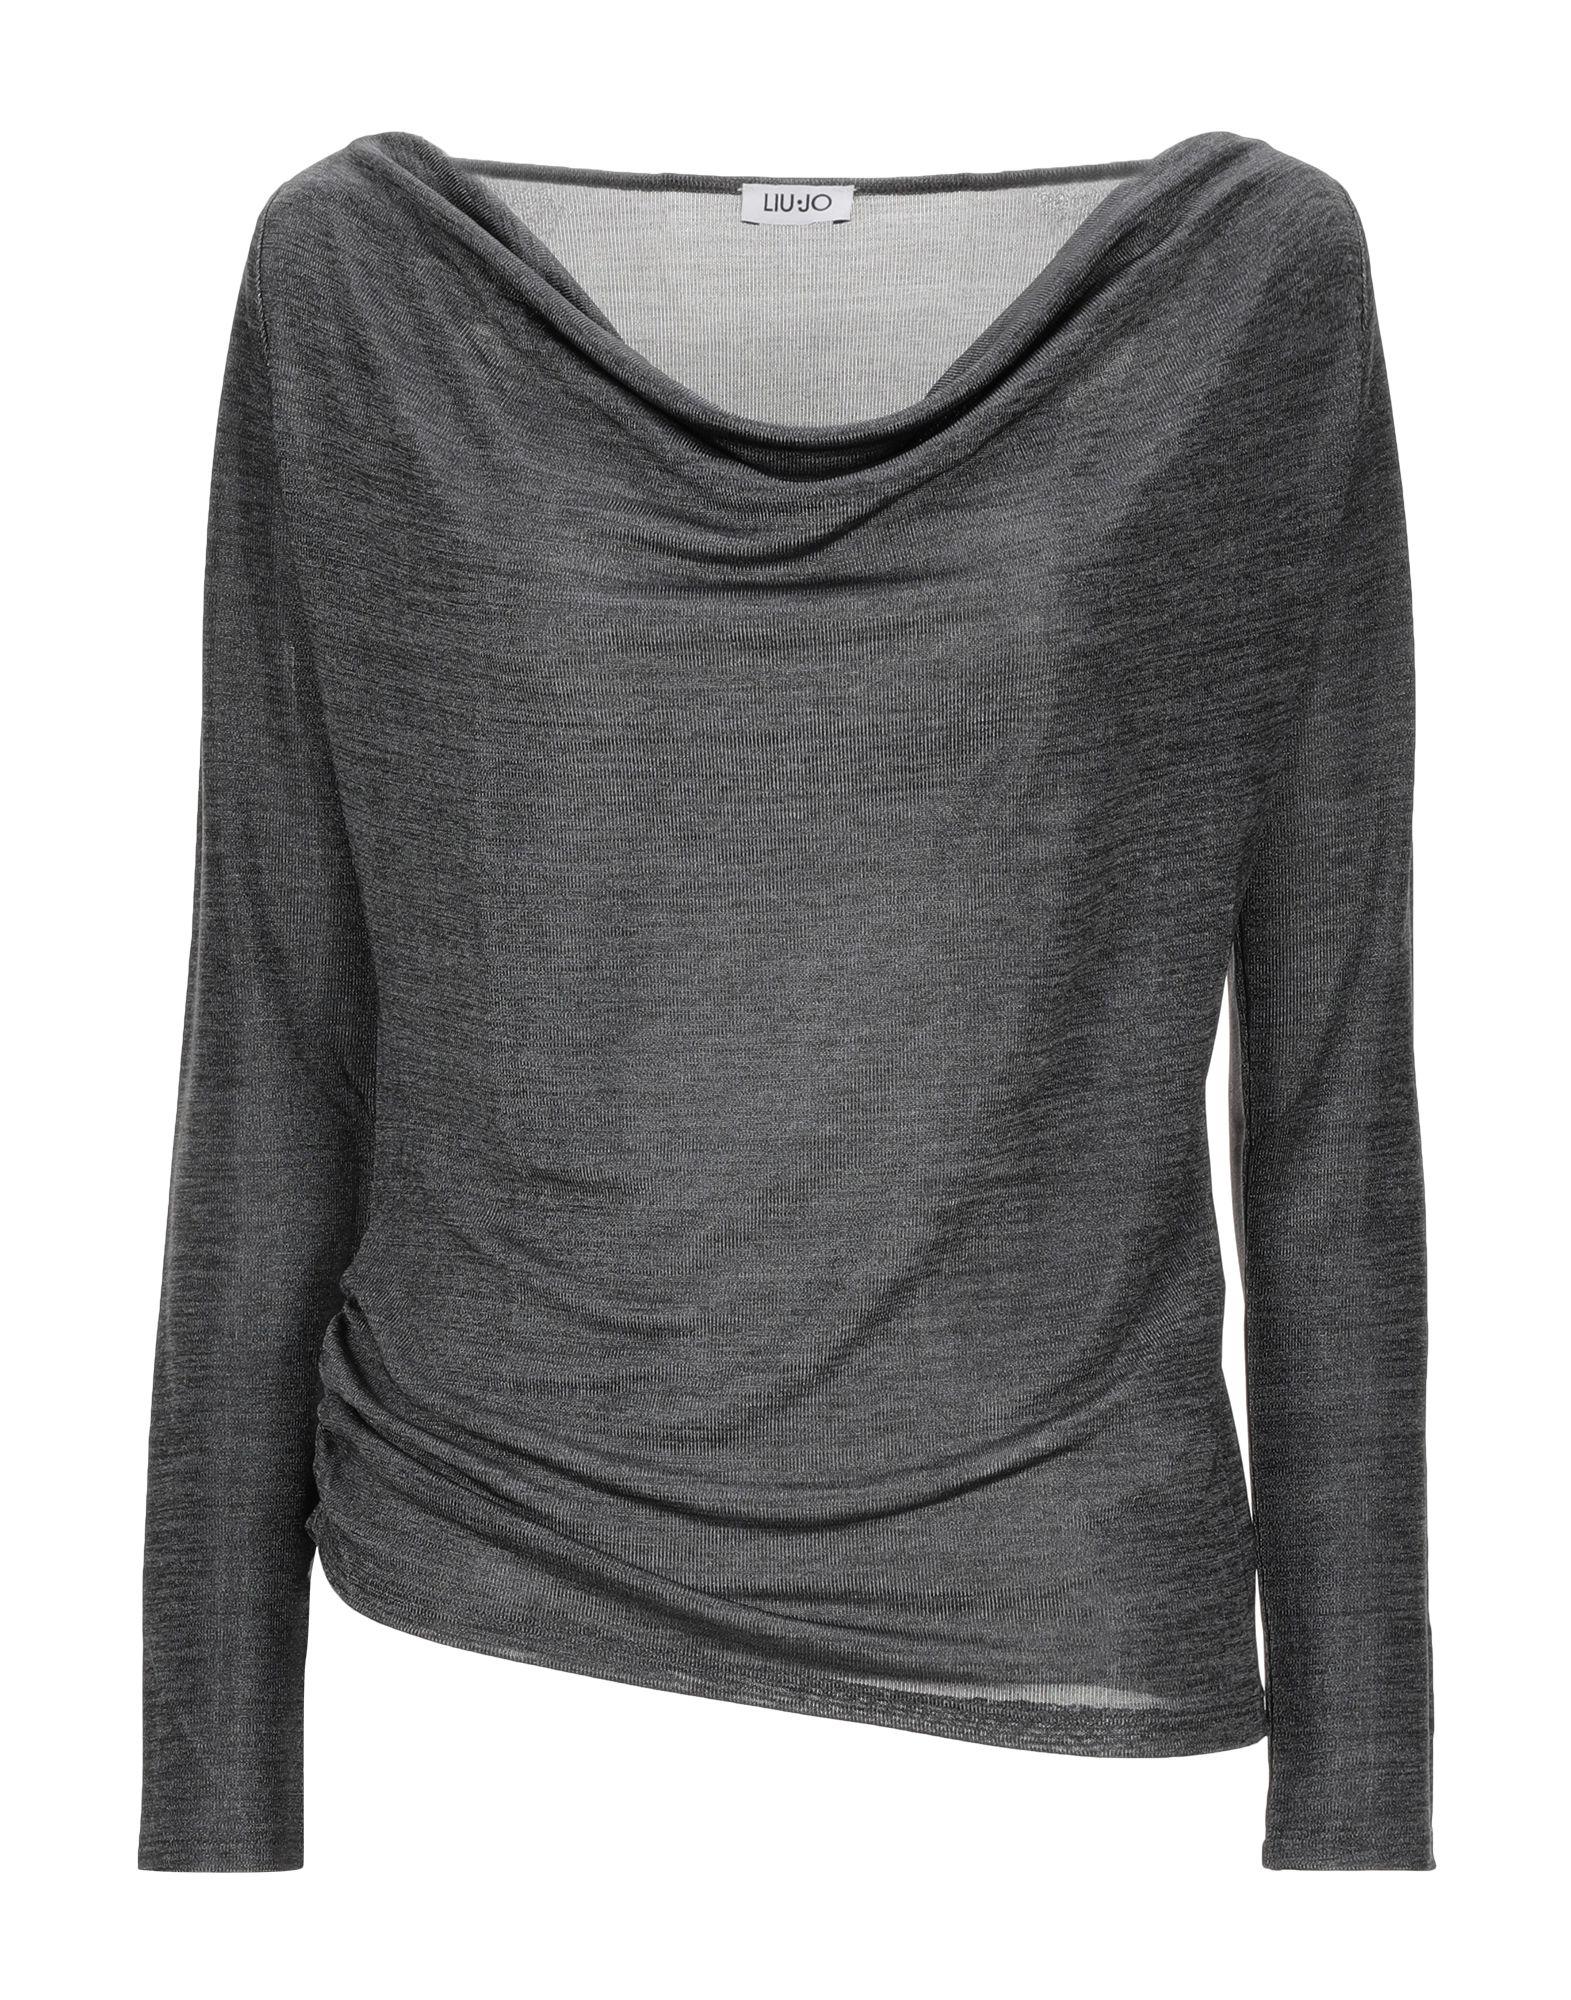 LIU JO Sweaters - Item 14040903